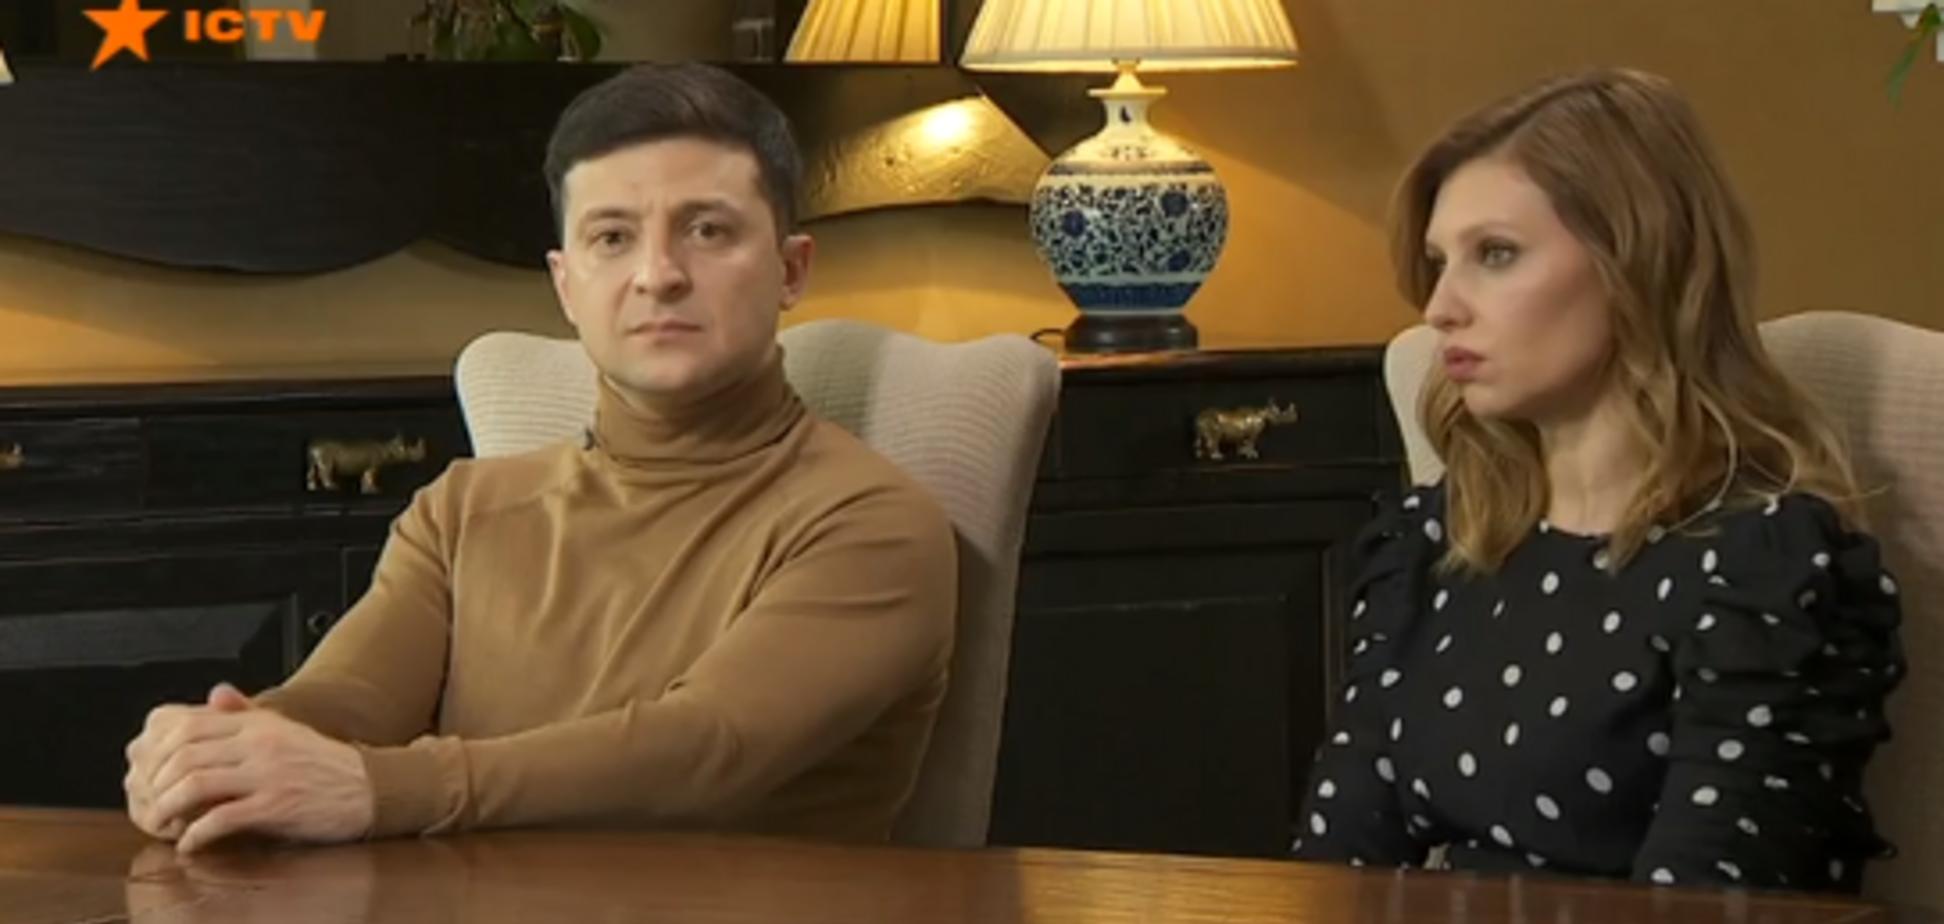 Зеленський закликав почати війну, щоб повернути Крим і Донбас